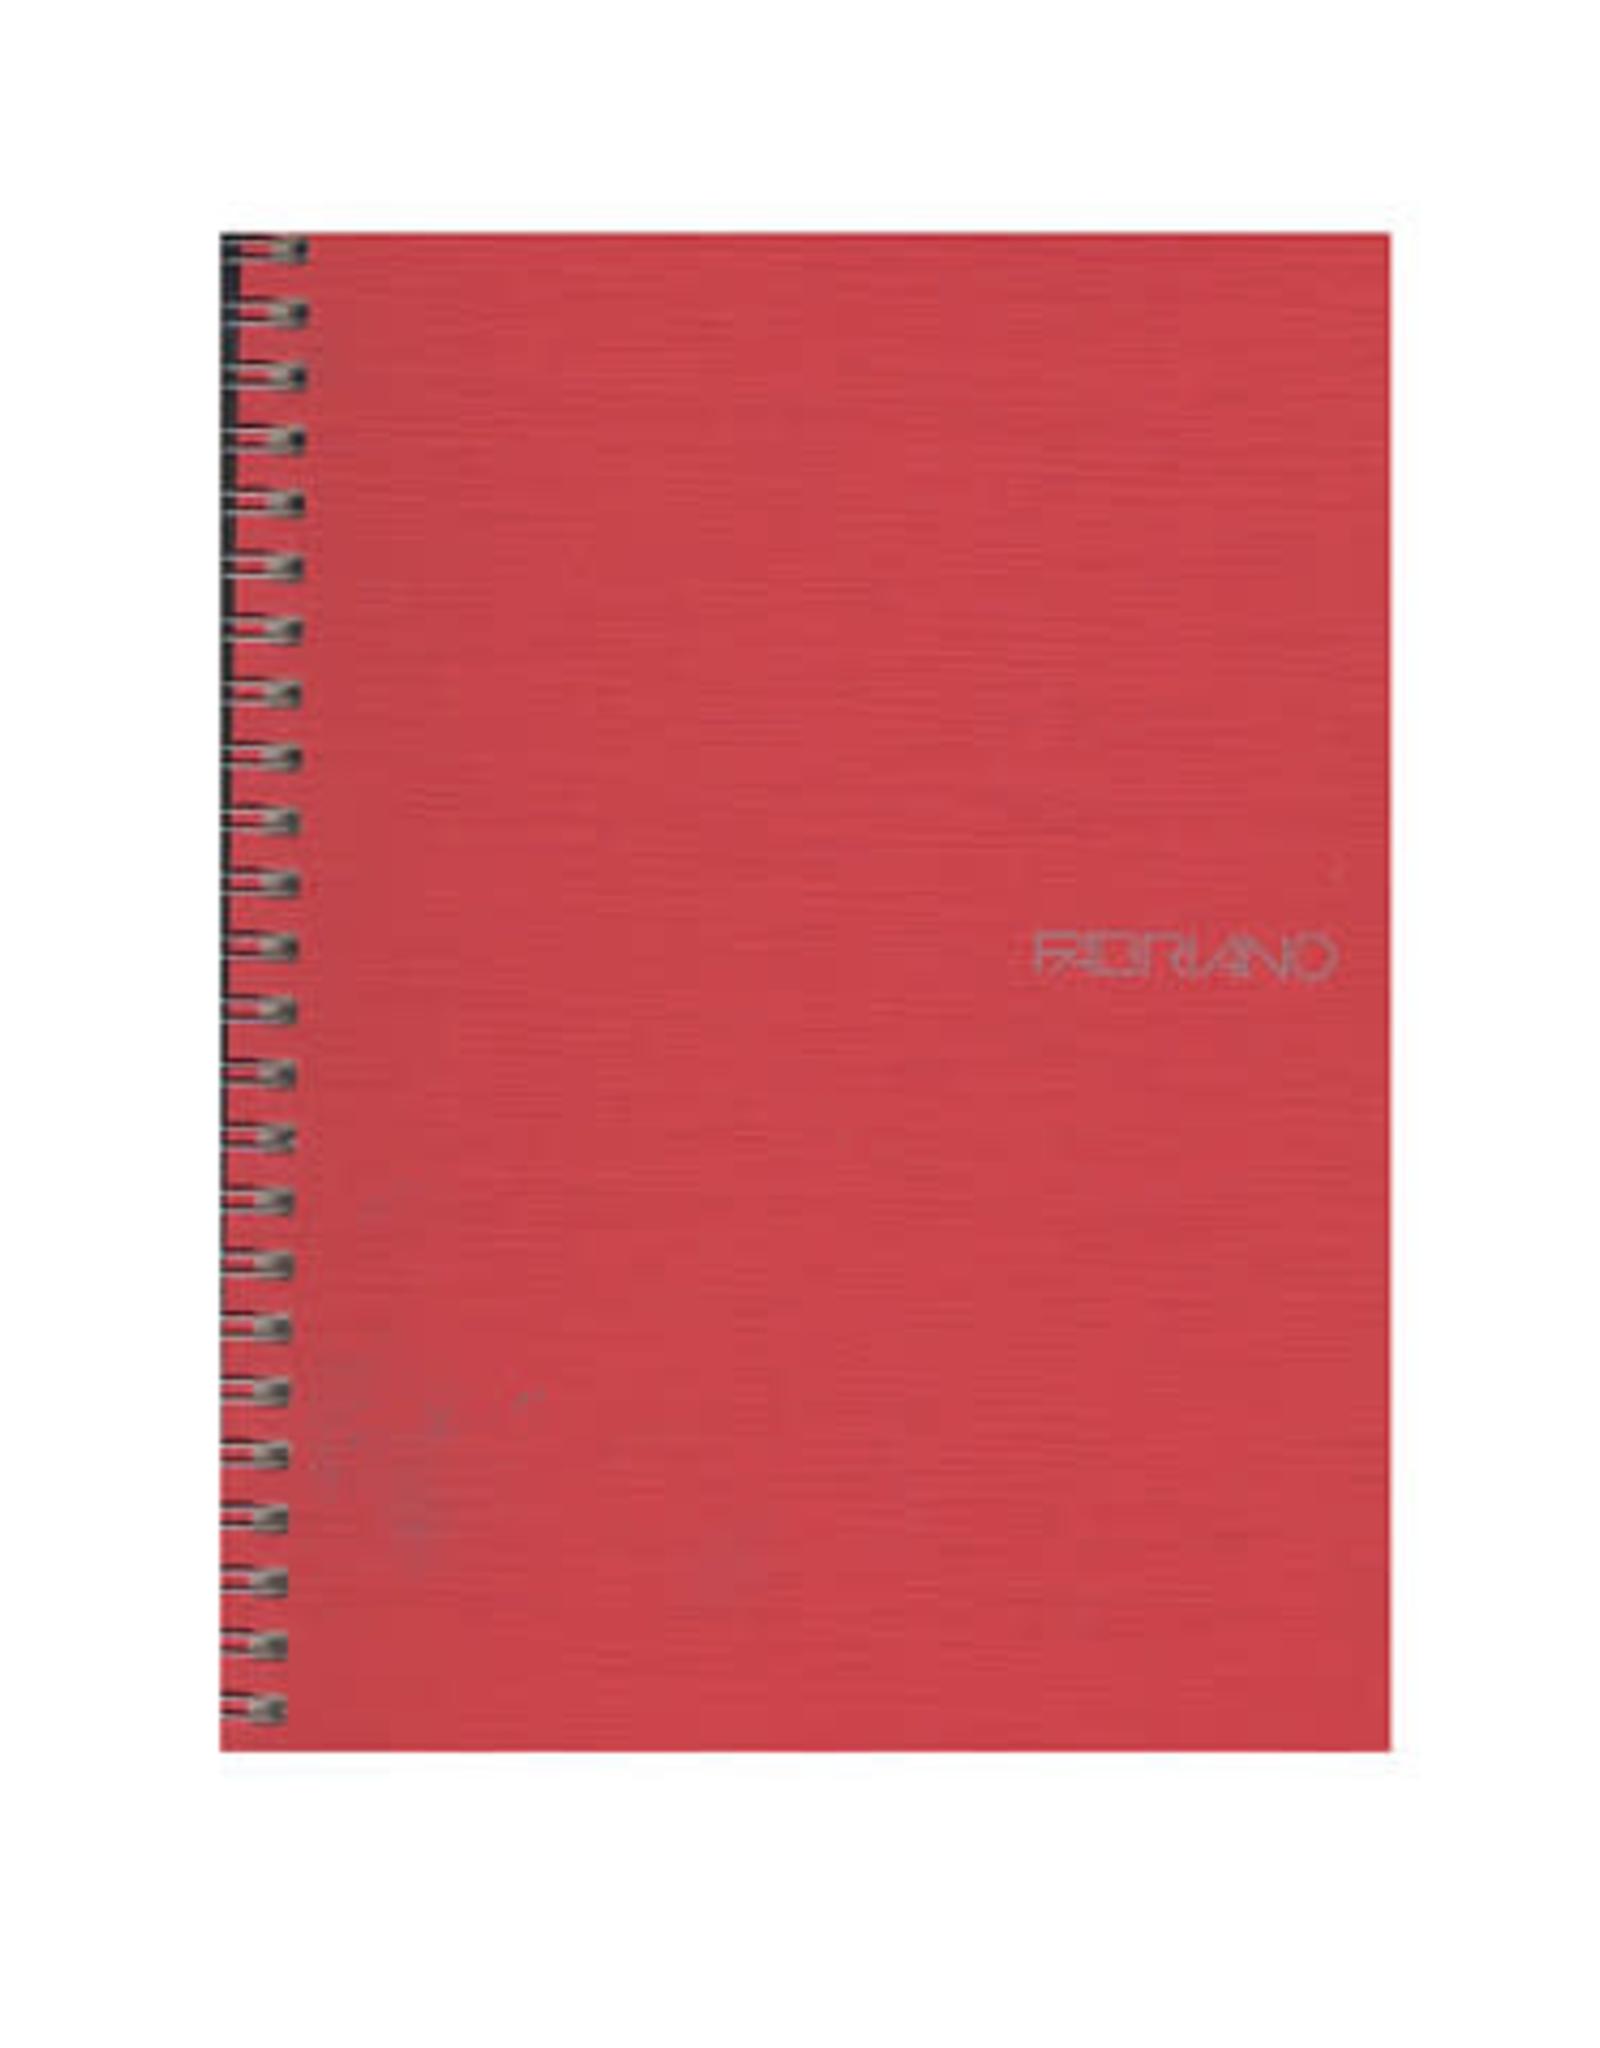 Fabriano Eco Qua Spiral Notebook - Raspberry